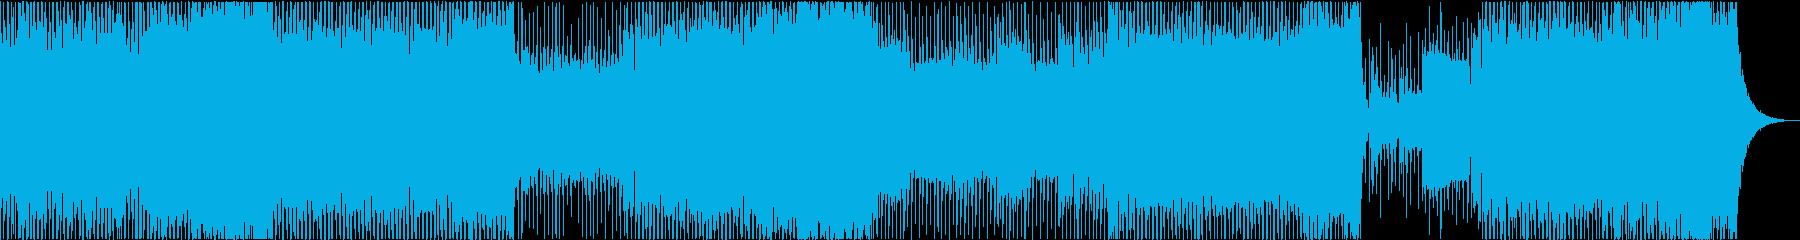 メリー クリスマス カバー 定番 EDMの再生済みの波形